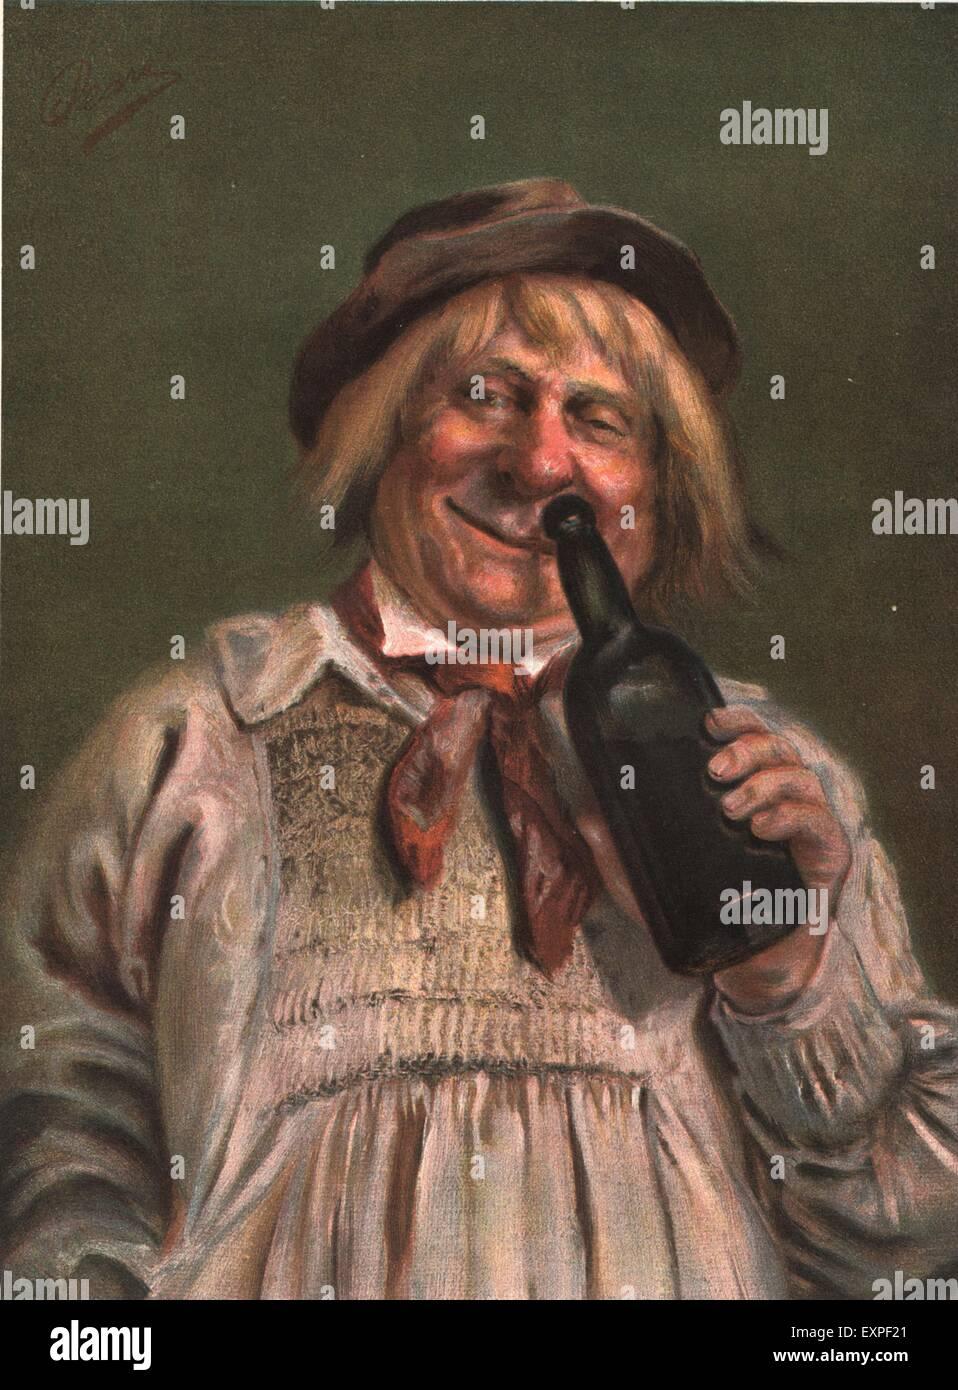 1890er Jahren UK betrunken Portraits Magazin Platte Stockbild